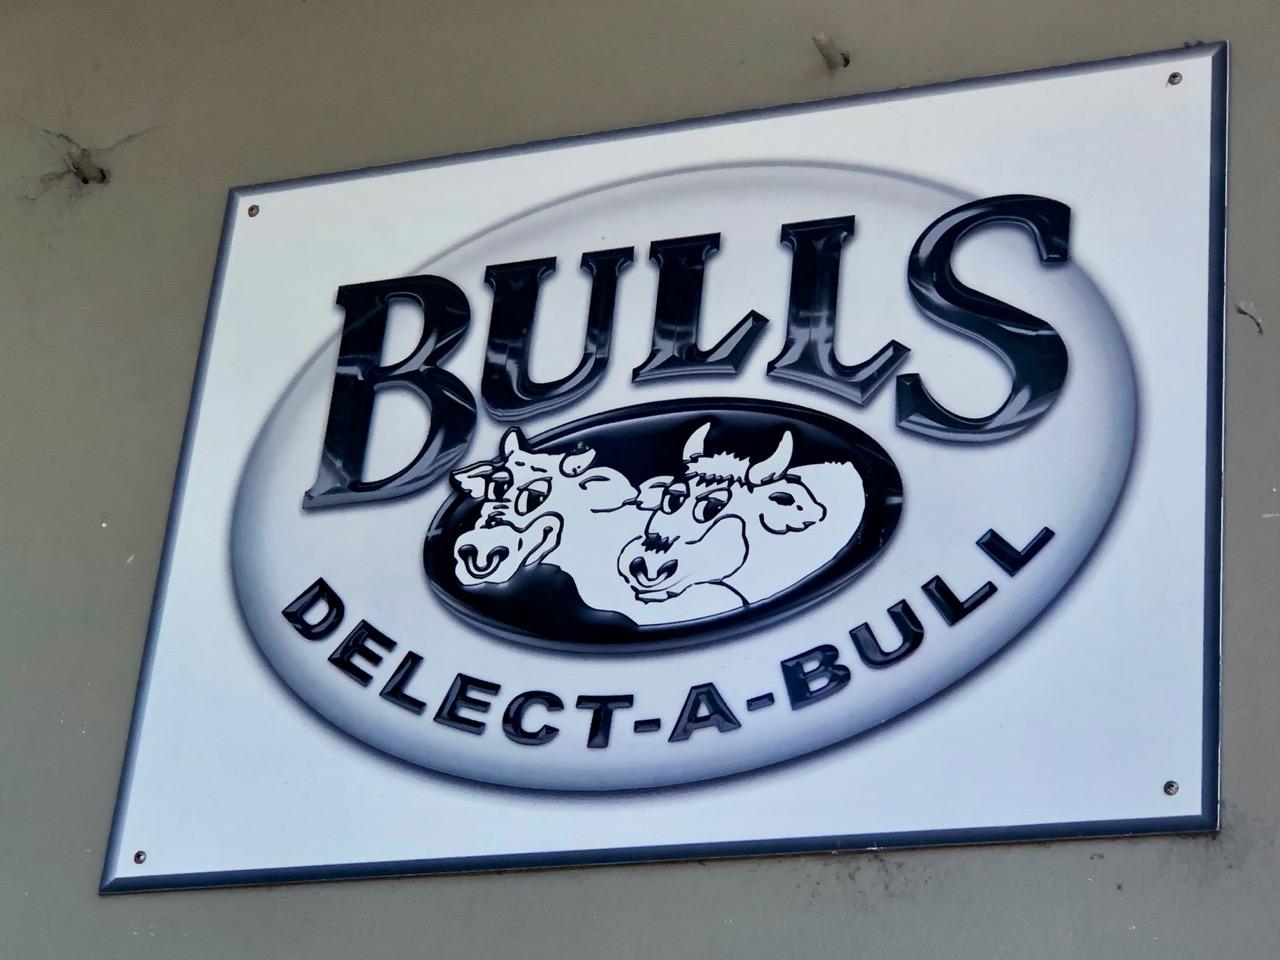 delect-a-bull